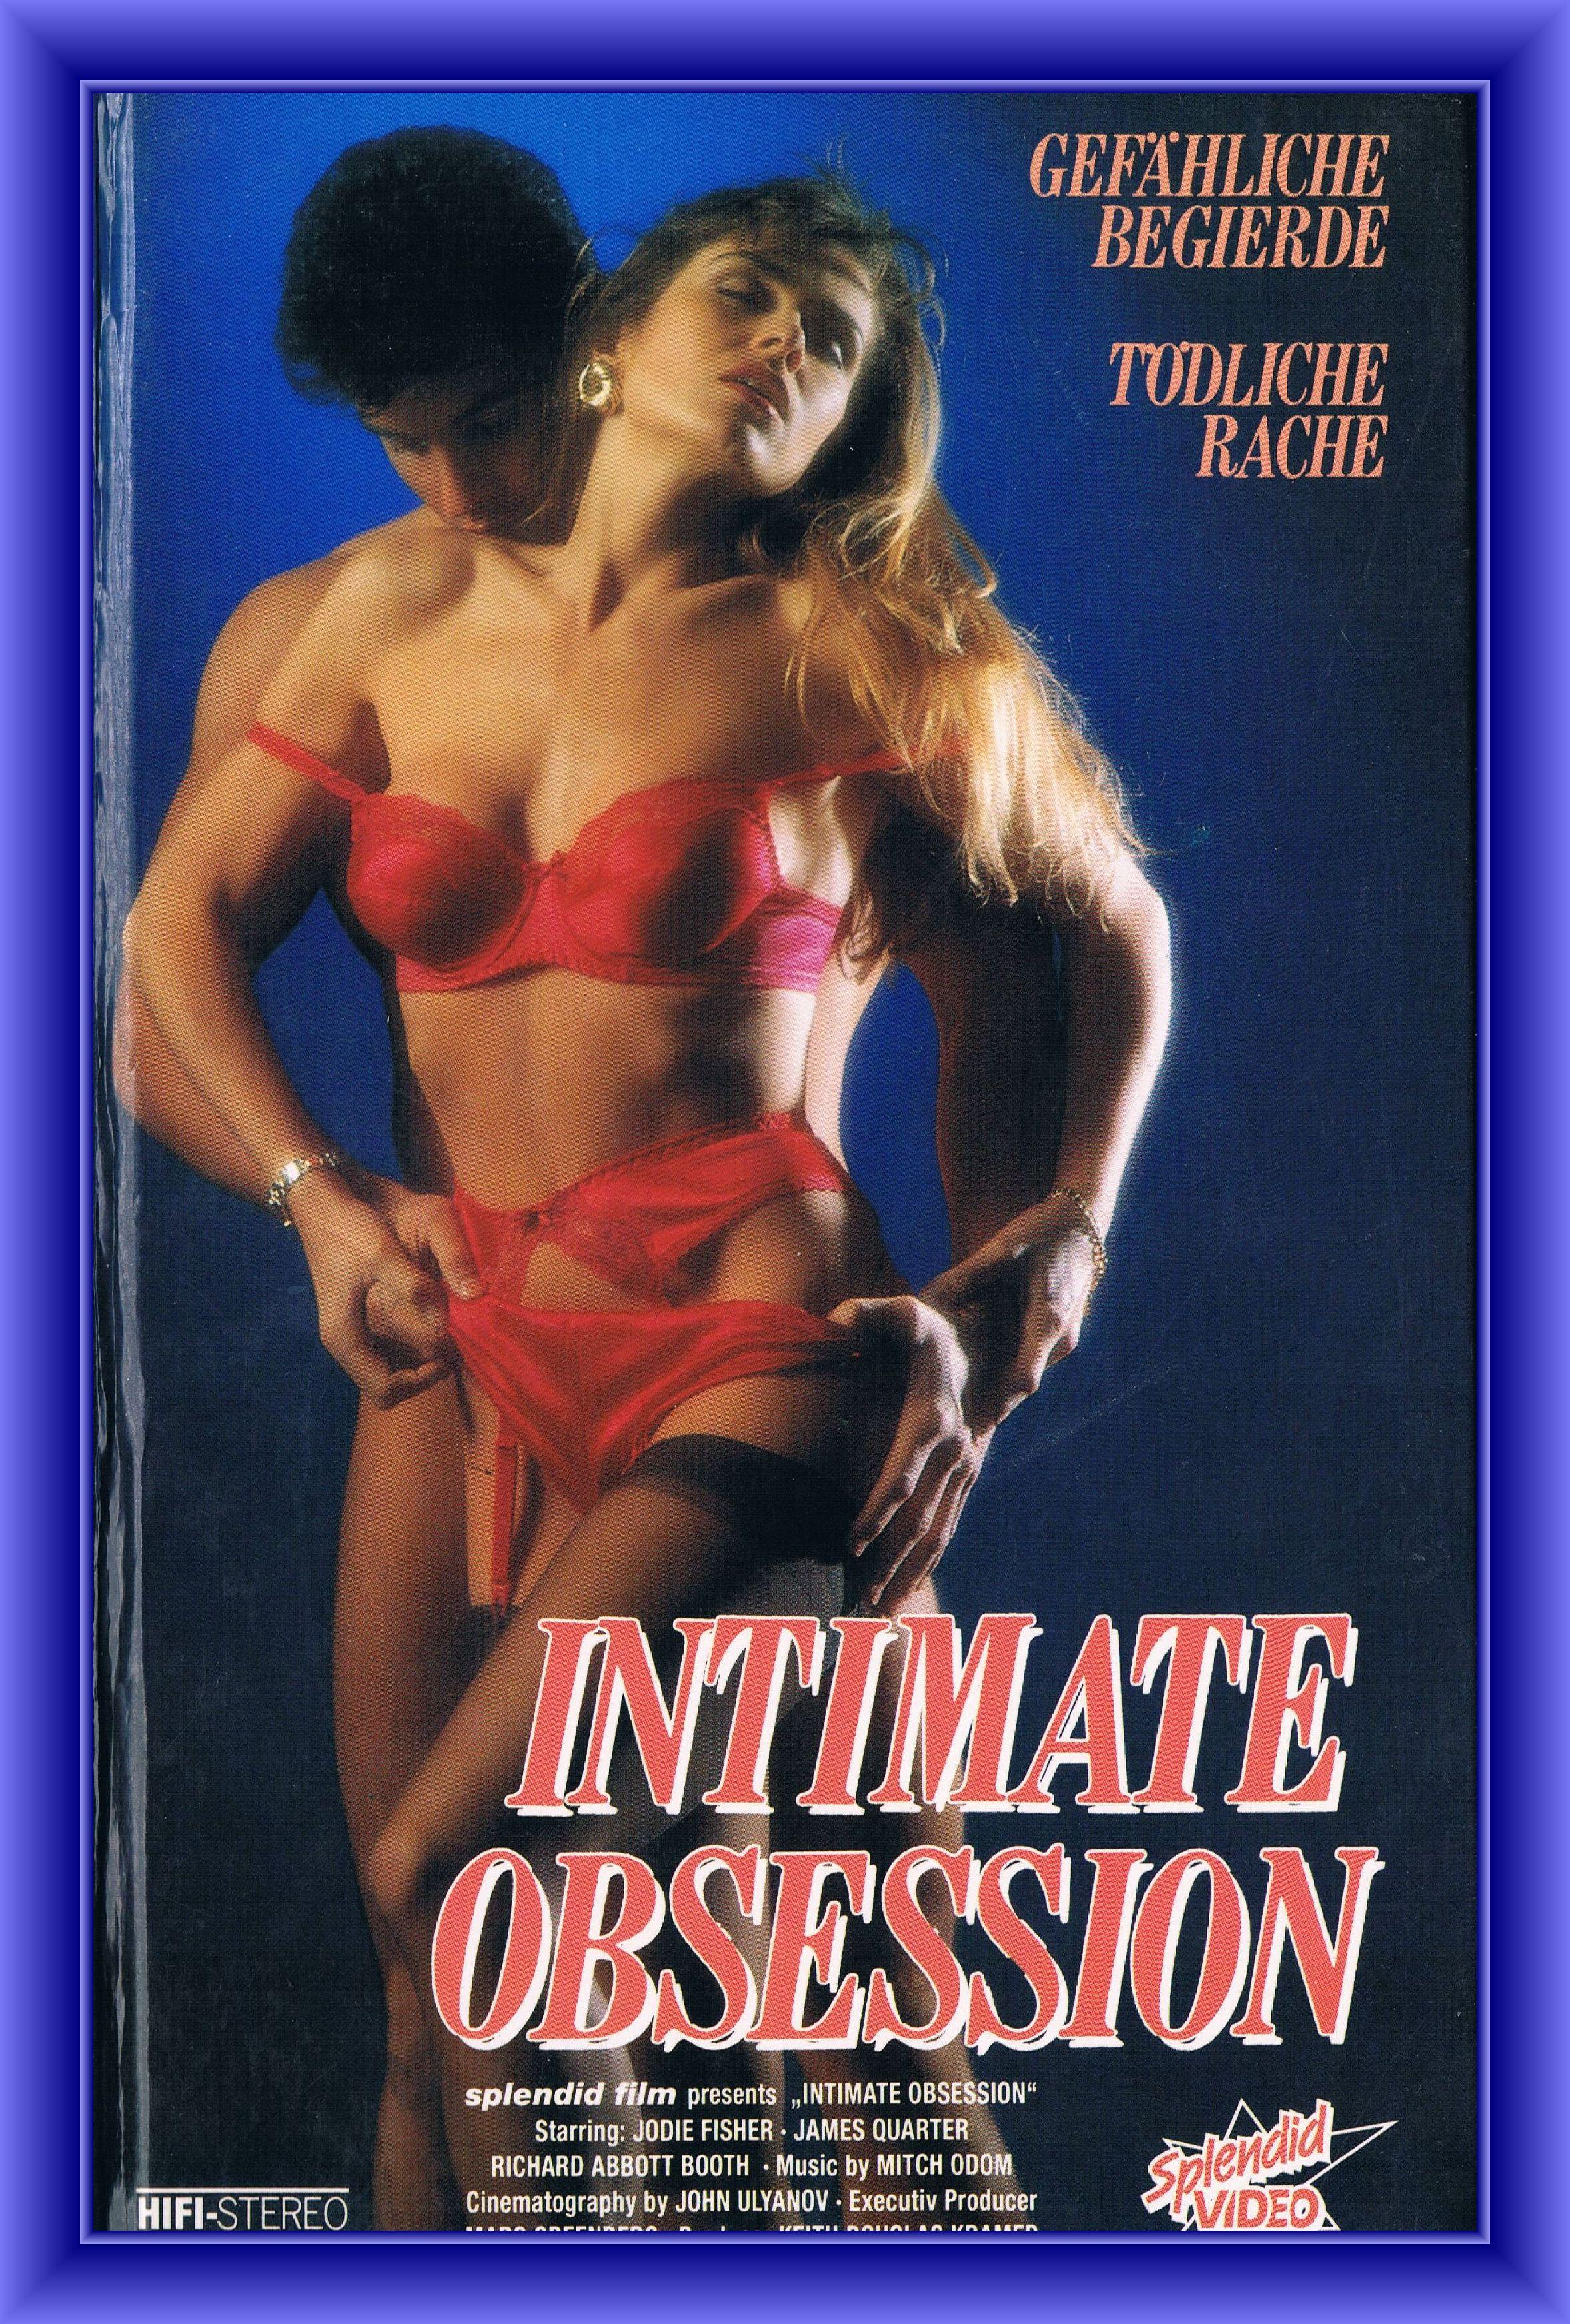 Intimate Film